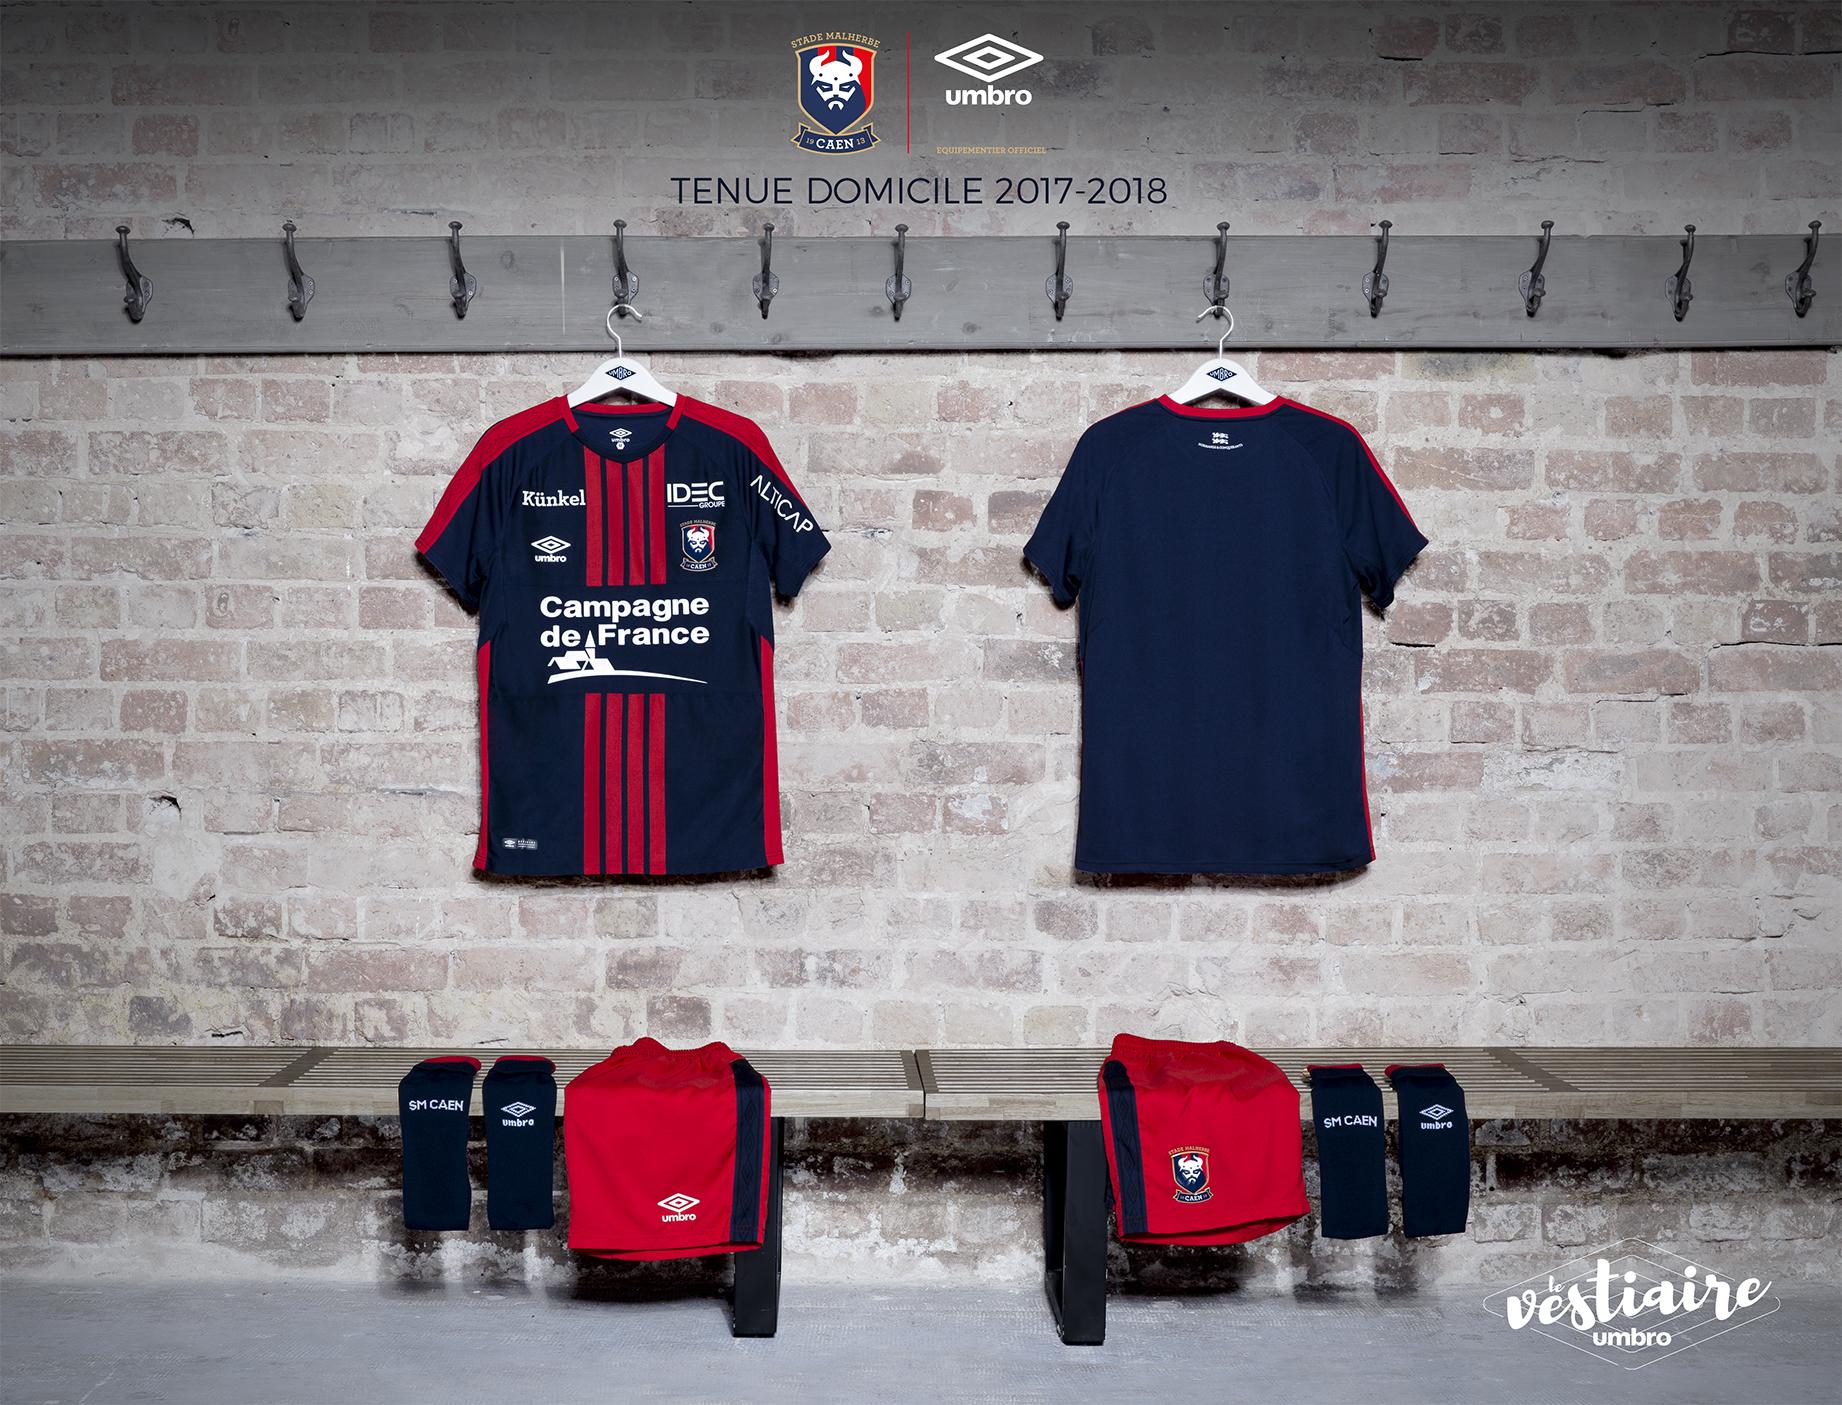 Umbro dévoile le maillot du SM Caen saison 2017/2018